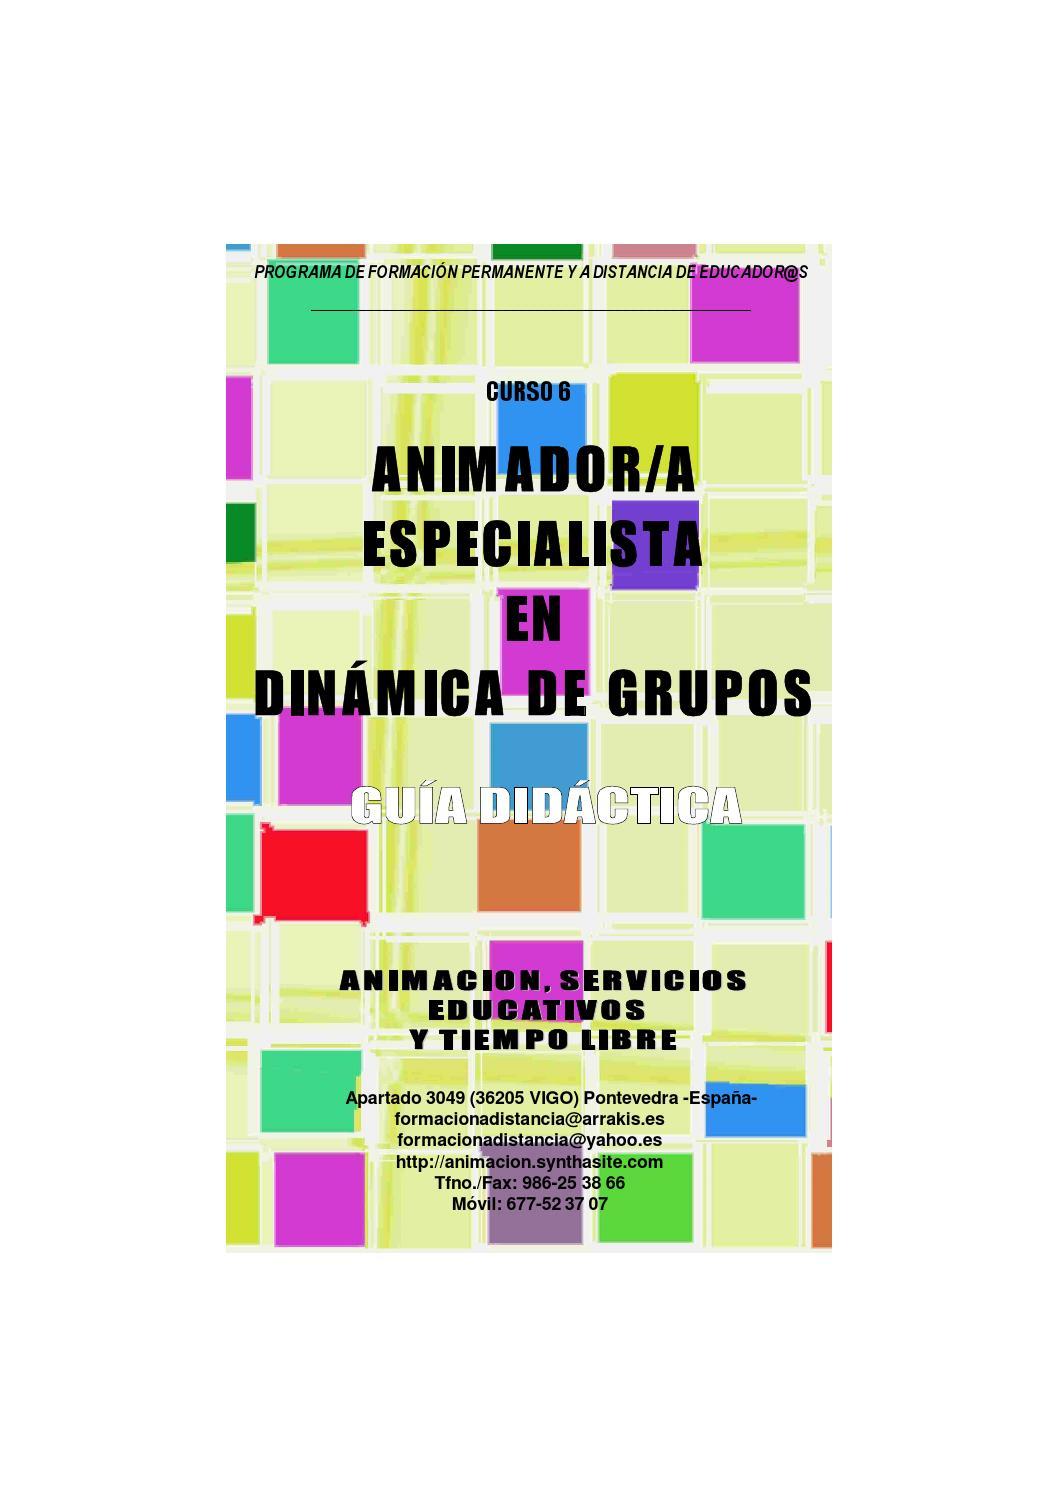 Thumbnail for Guia Didactica Curso Animador Especialista en Dinamica de Grupos